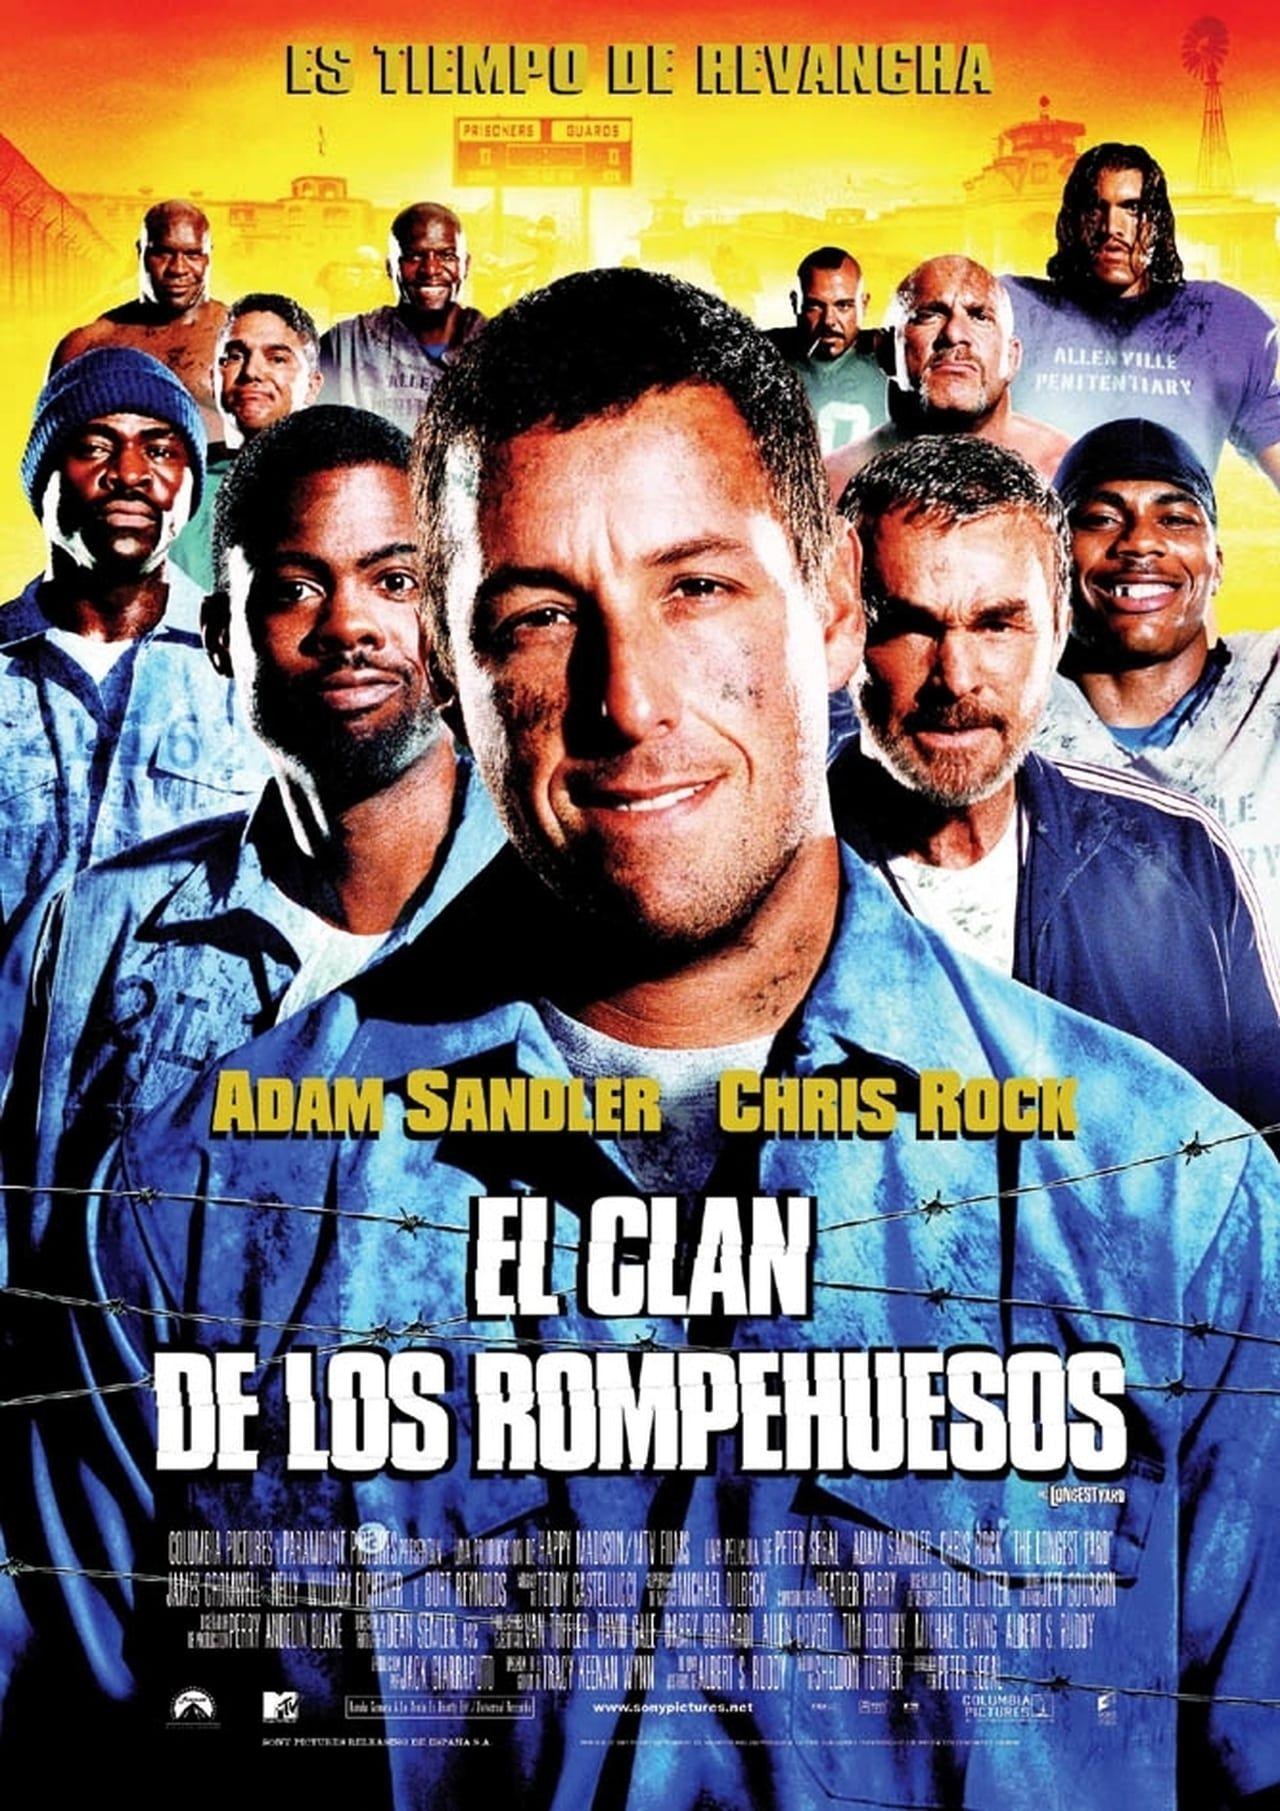 El Clan De Los Rompehuesos 2004 Peliculas Completas Peliculas En Espanol Latino Peliculas En Espanol